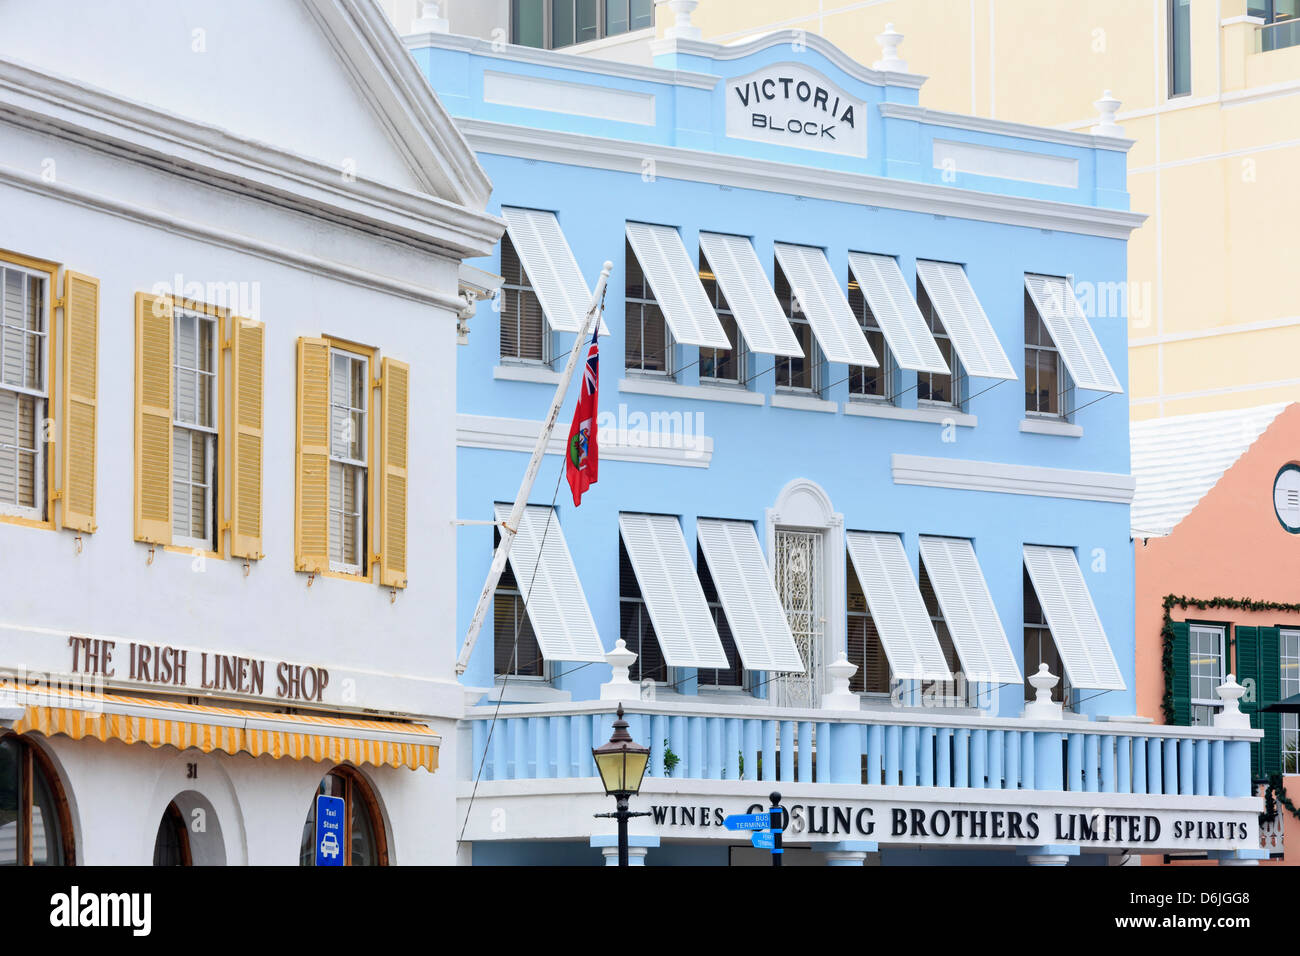 Victoria Block on Front Street in Hamilton City, Pembroke Parish, Bermuda, Central America - Stock Image